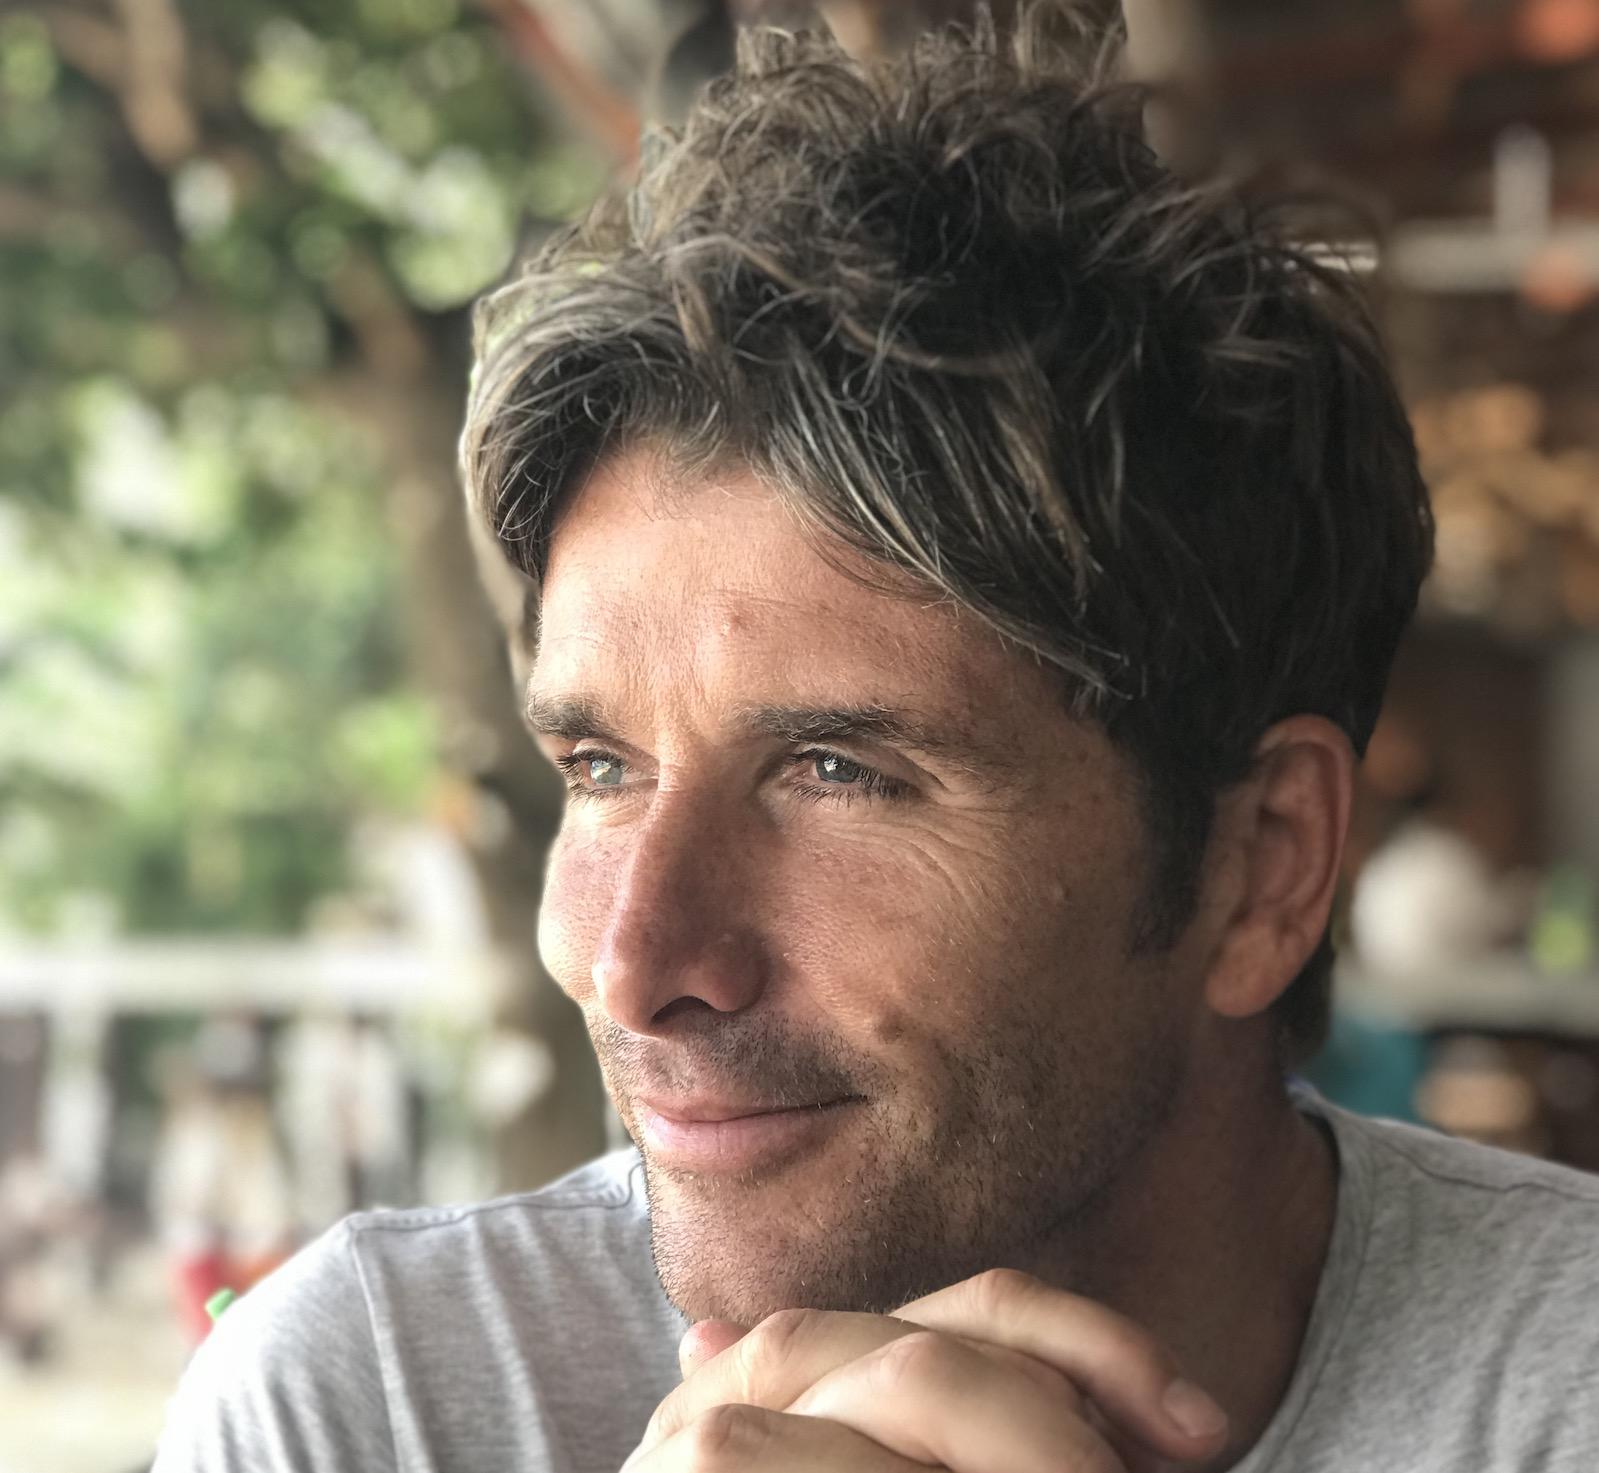 David Bainbridge